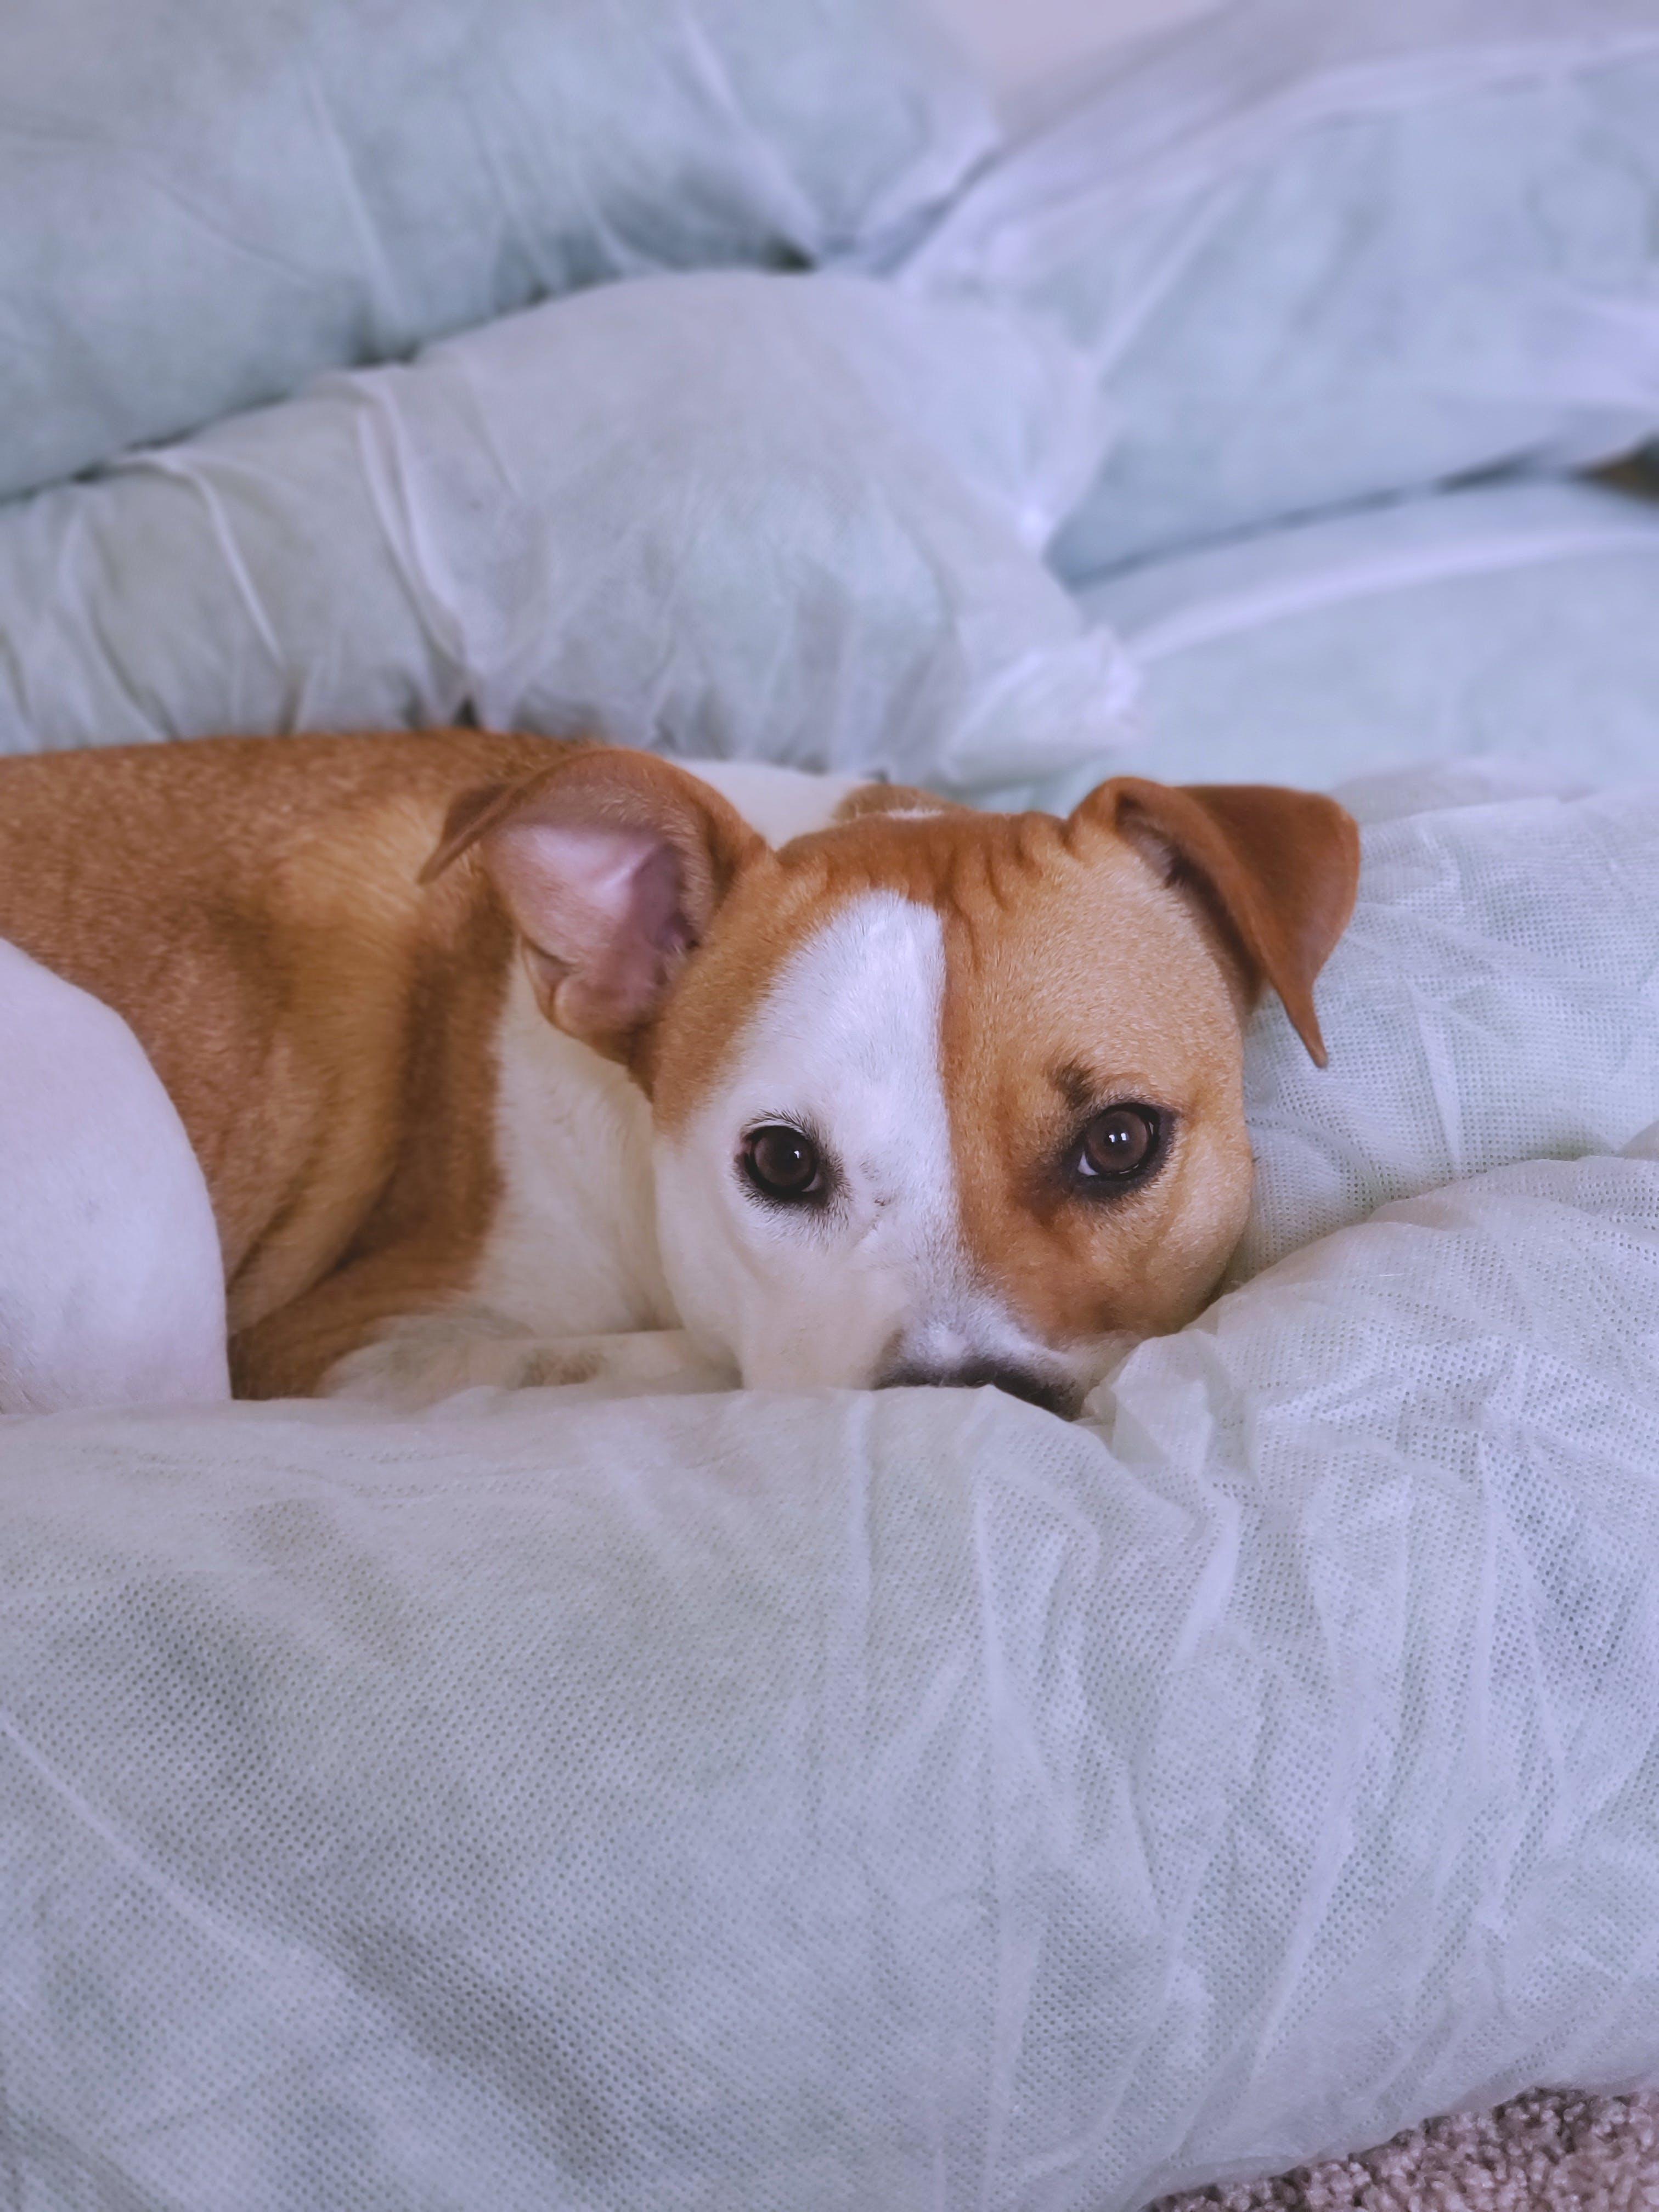 Photo of Large Short-coated Tan and White Dog Lying on White Surface